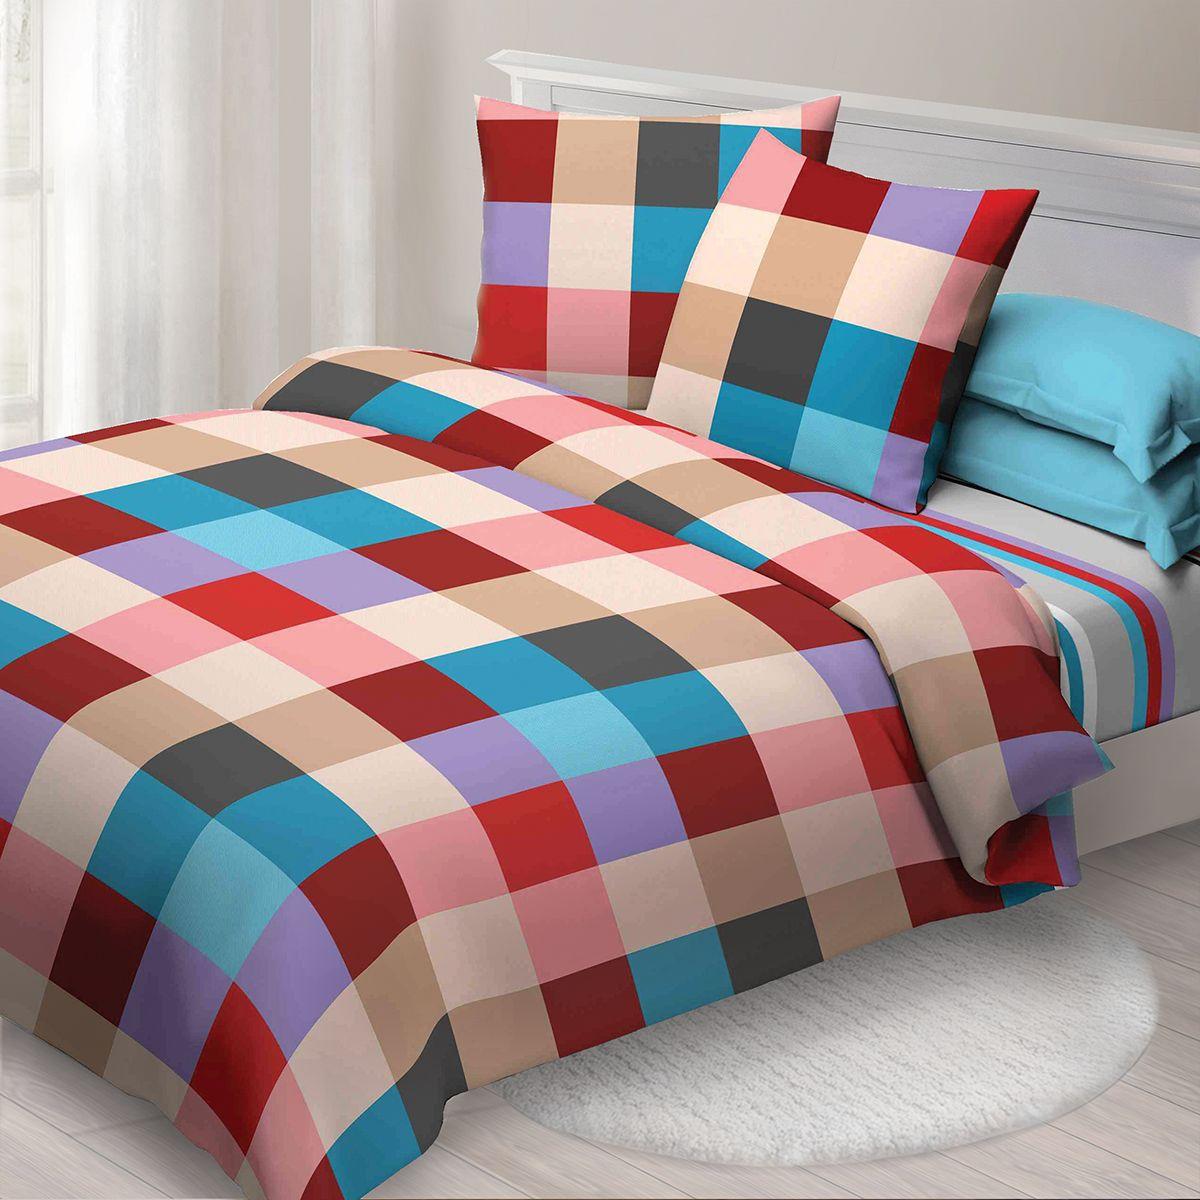 Комплект белья Спал Спалыч Рэйчел, 1,5 спальное, наволочки 70x70, цвет: бордовый. 4082-182440